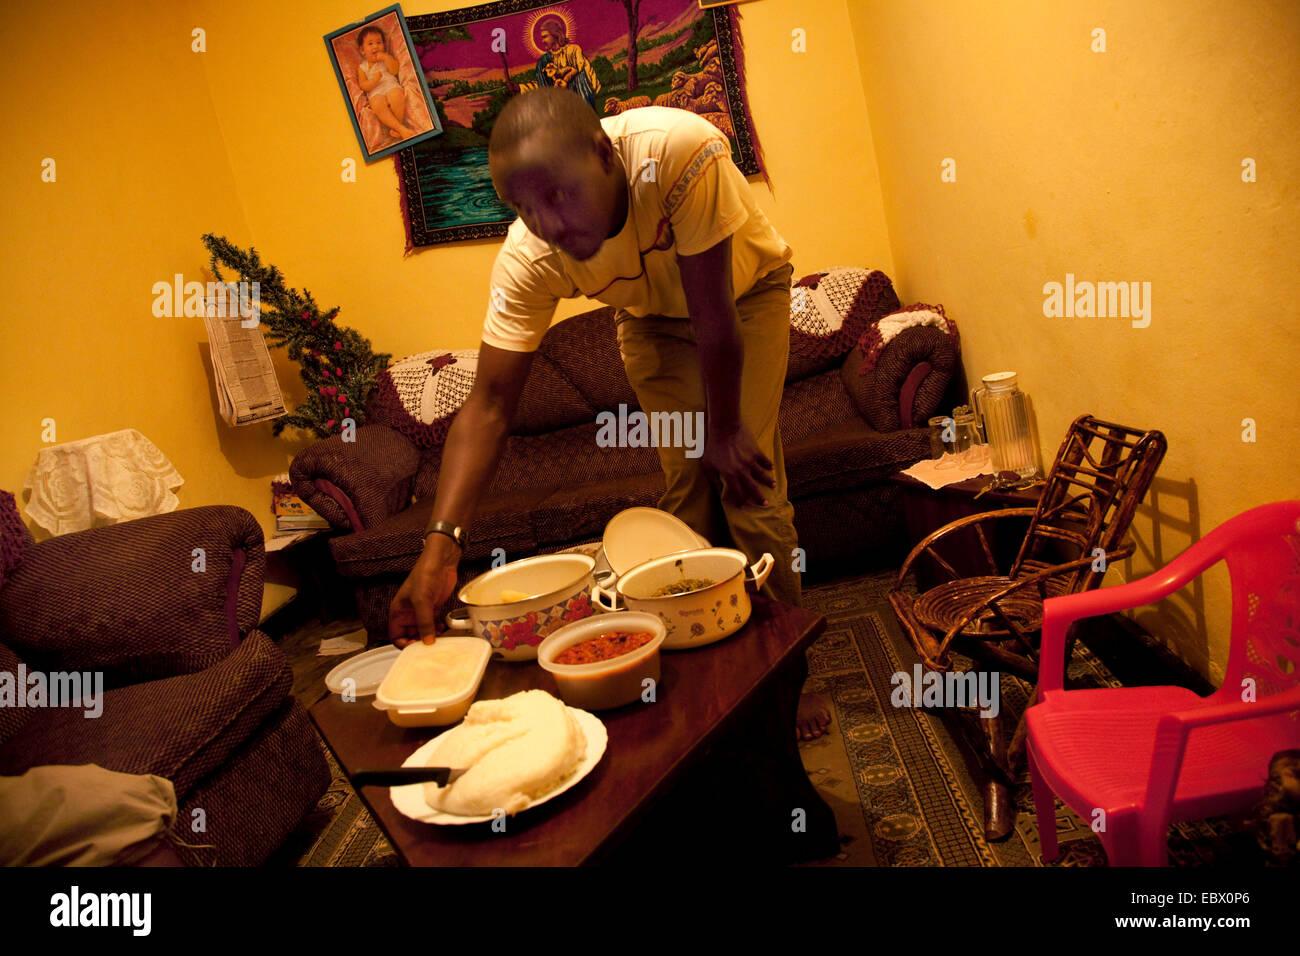 Mann, Essen auf dem Tisch in einem christlichen Haushalt, christliche Broderie an der Wand im Hintergrund, Kigali, Stockbild